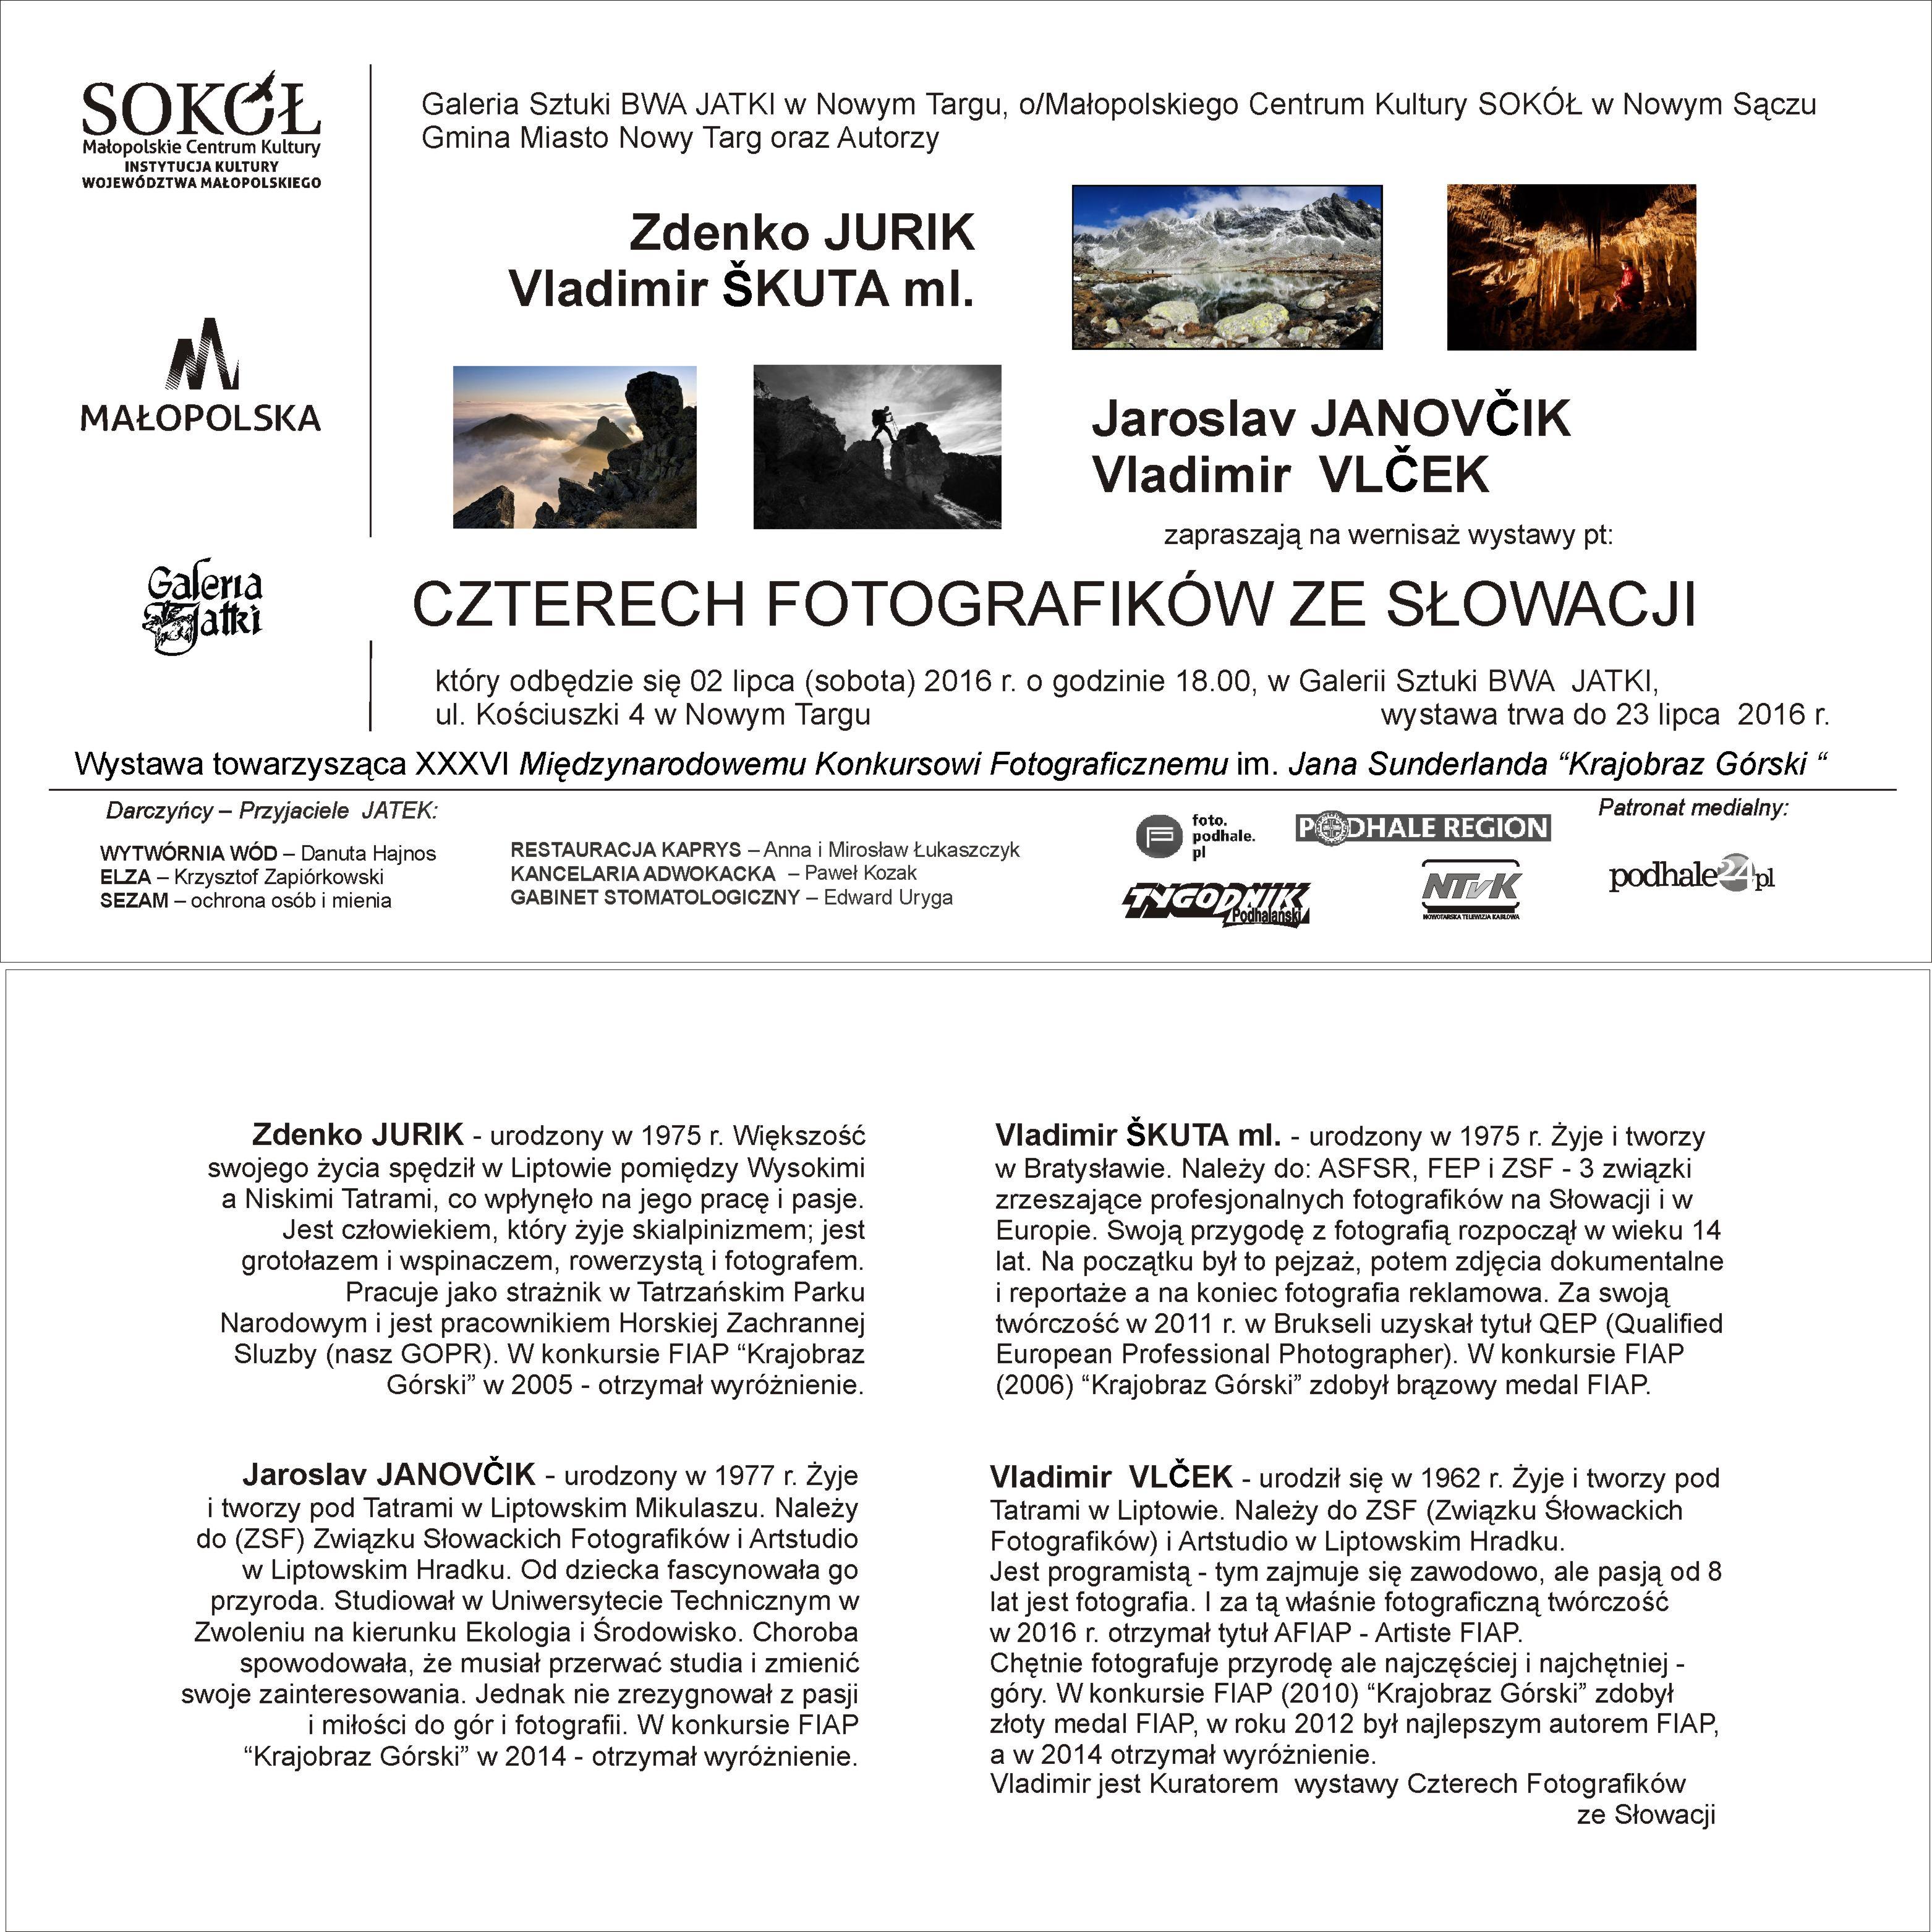 4 fotograf - zaproszenie